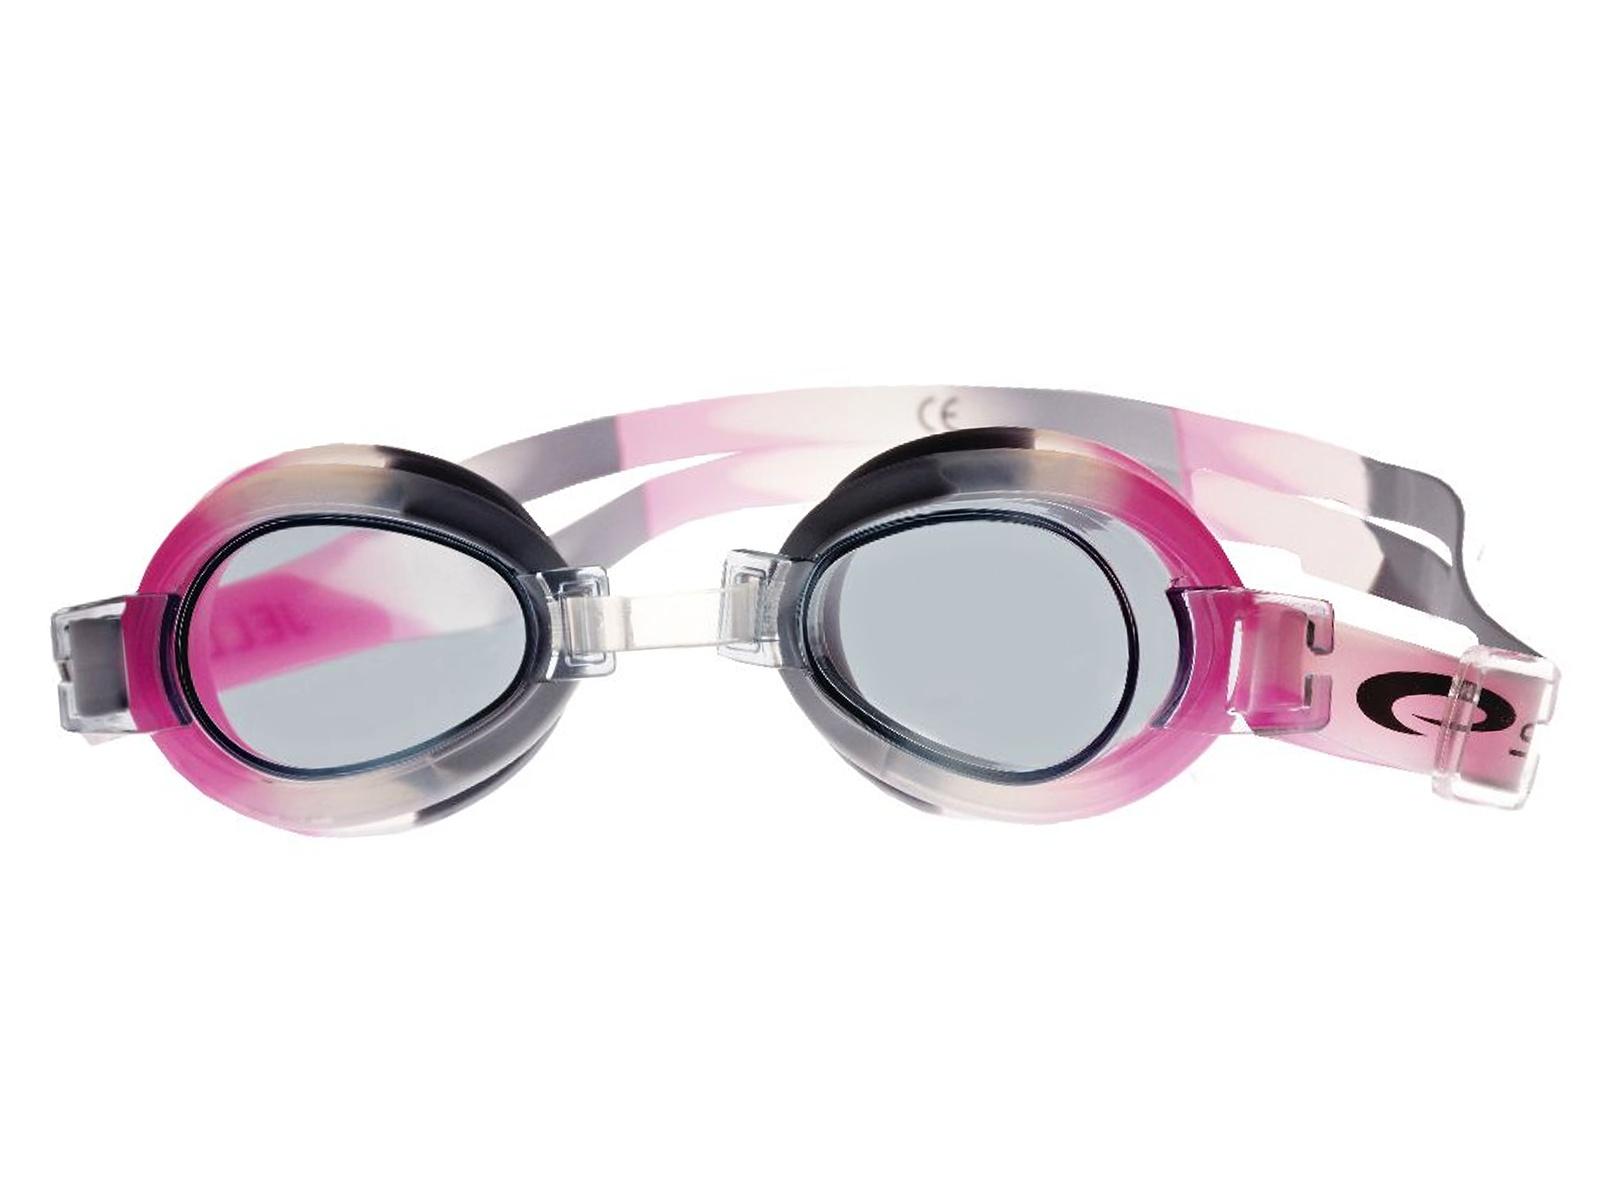 Plavecké brýle SPOKEY Jellyfish - růžové